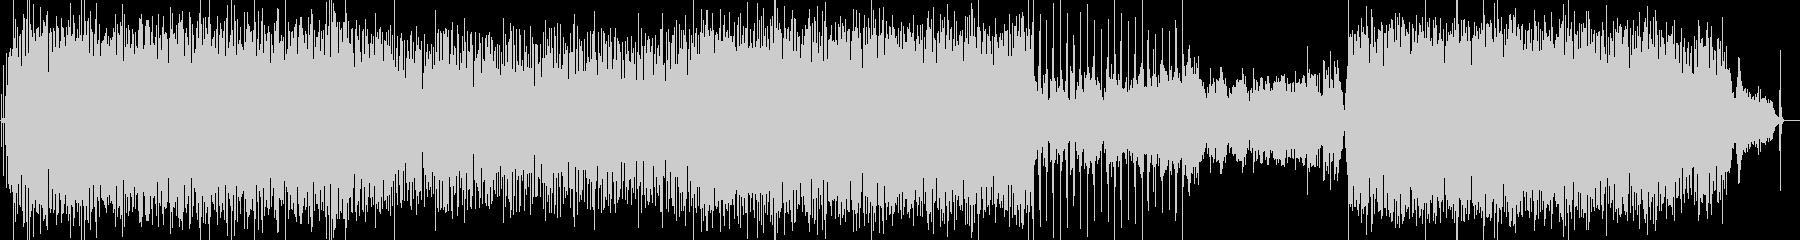 ポップス調のピアノ曲の未再生の波形